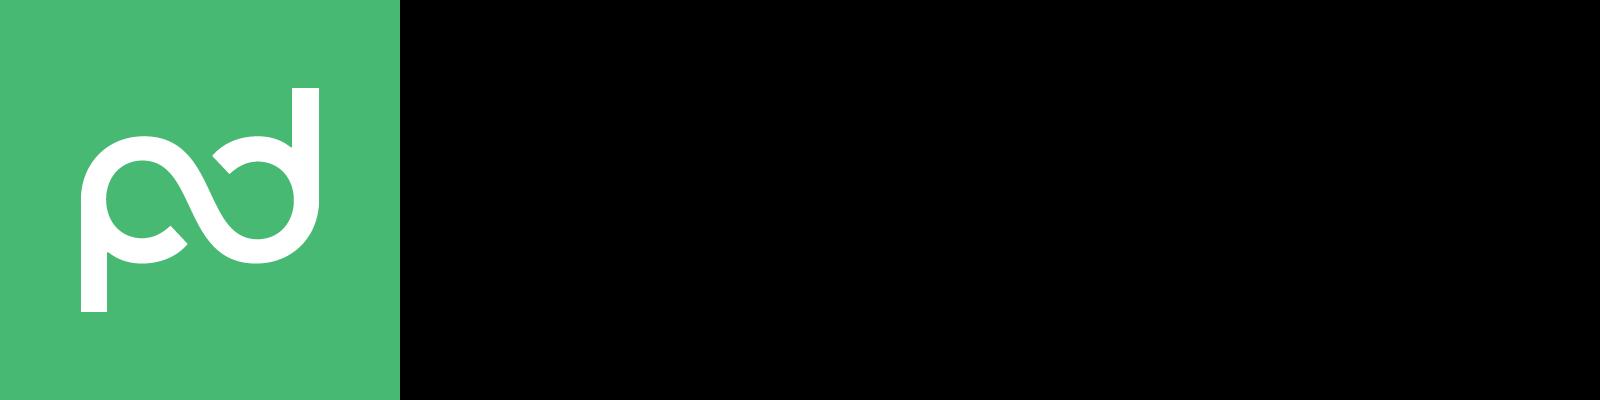 PandaDoc DMS logo